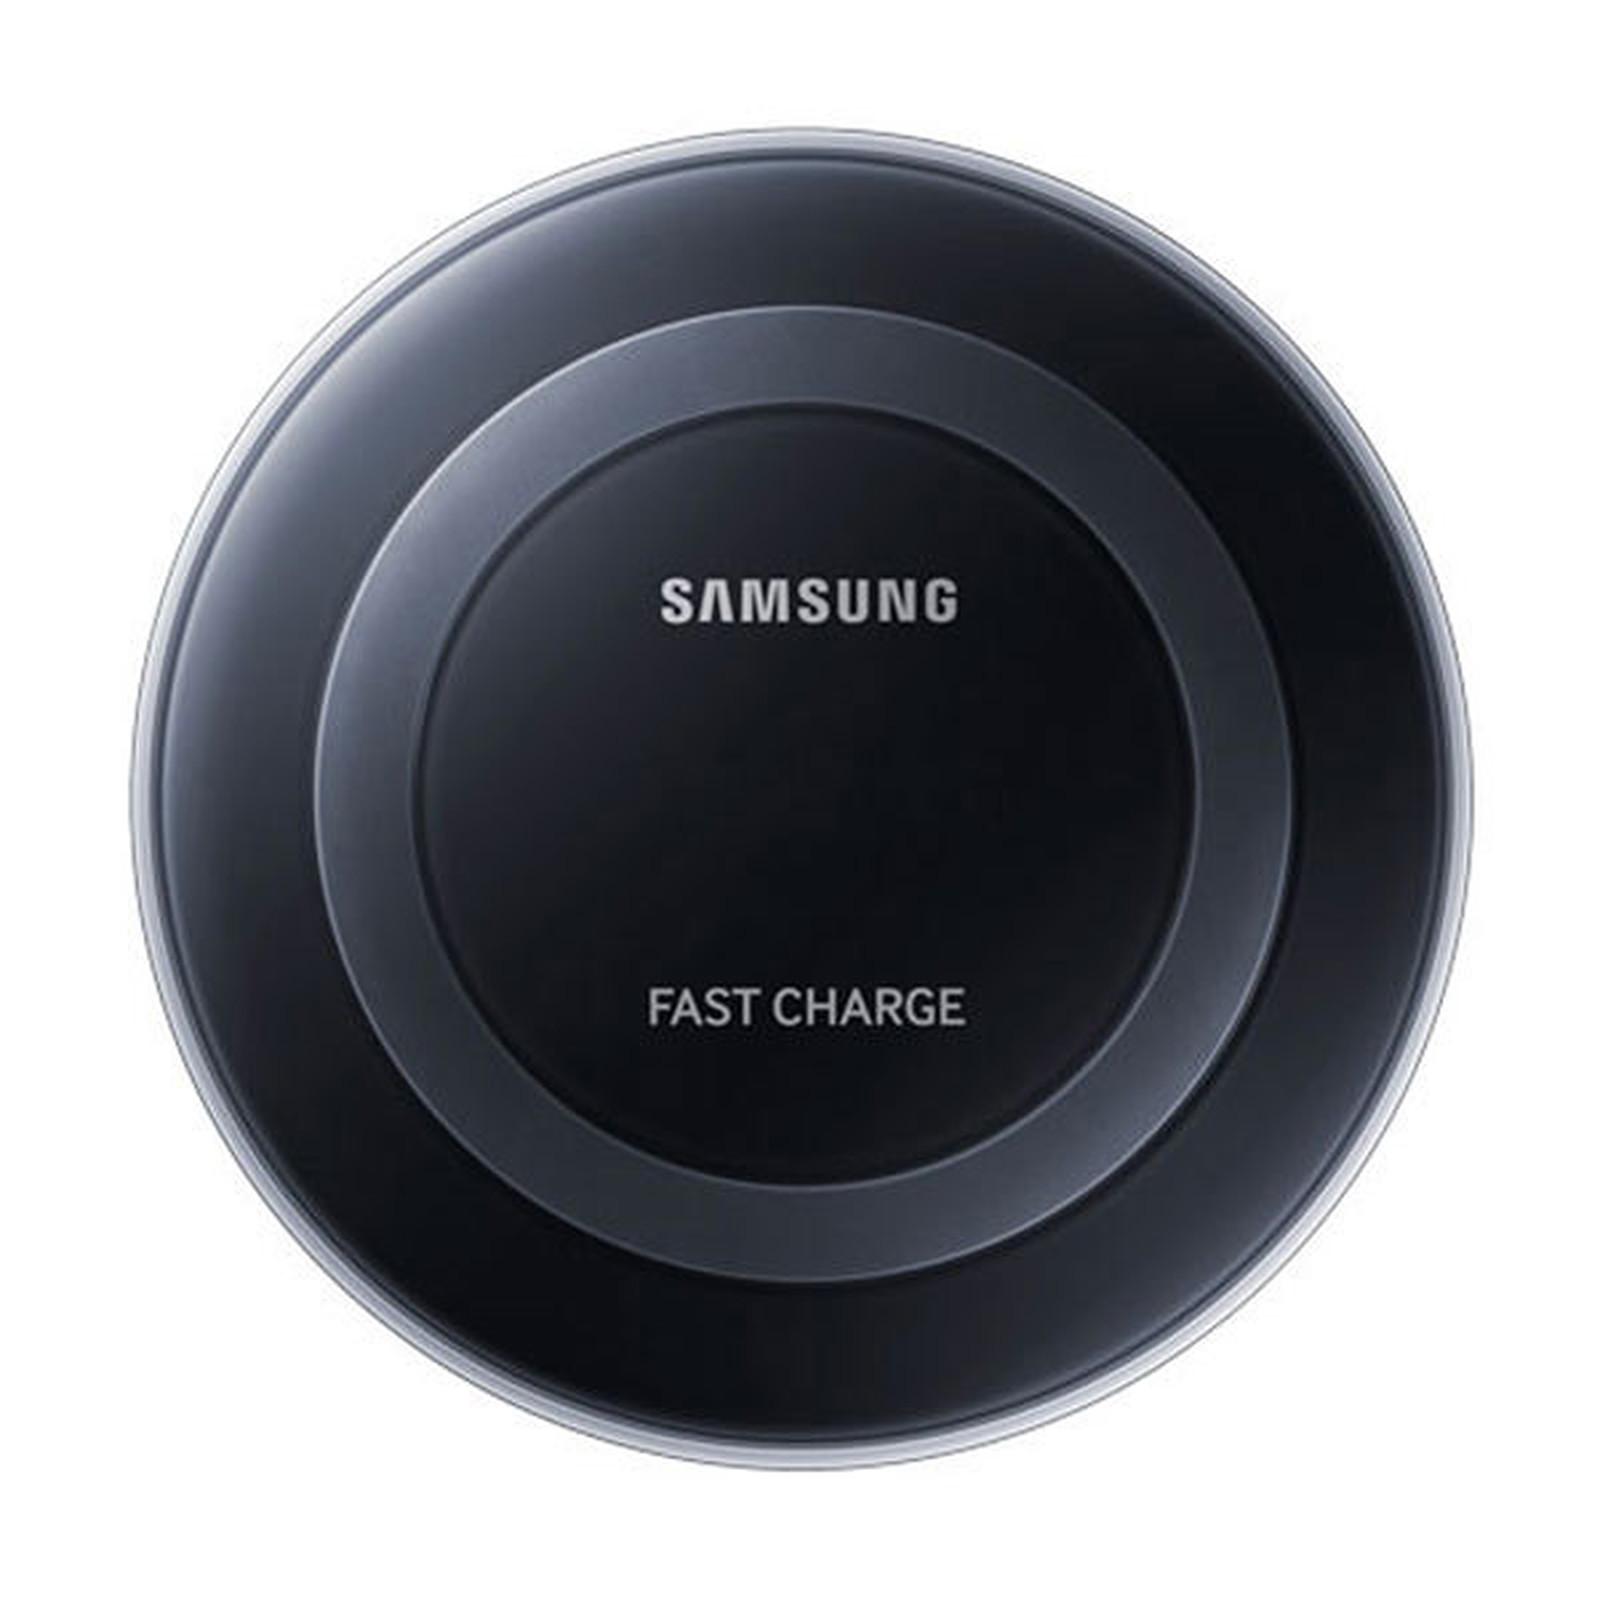 Samsung Tapis de recharge à induction EP-PN920 Noir